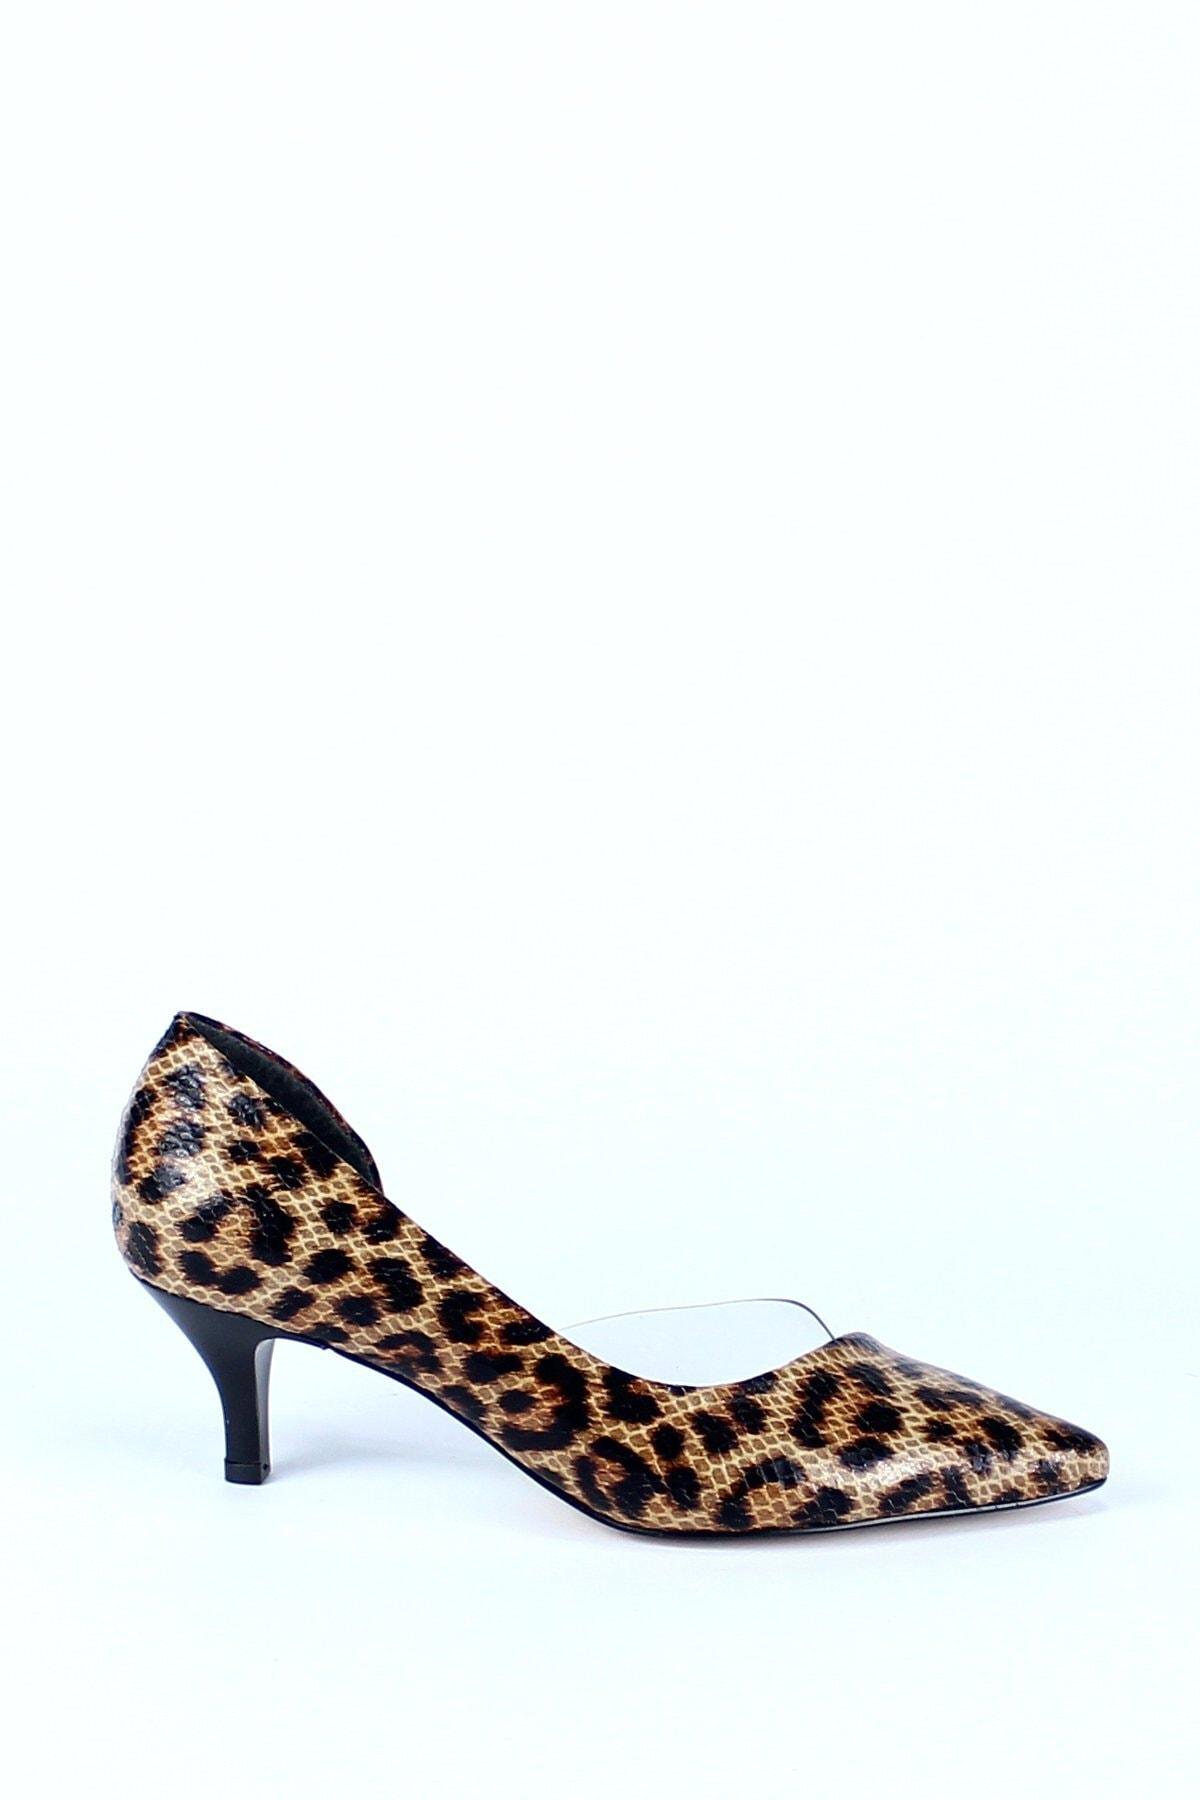 Hayati Arman Kadın Stiletto